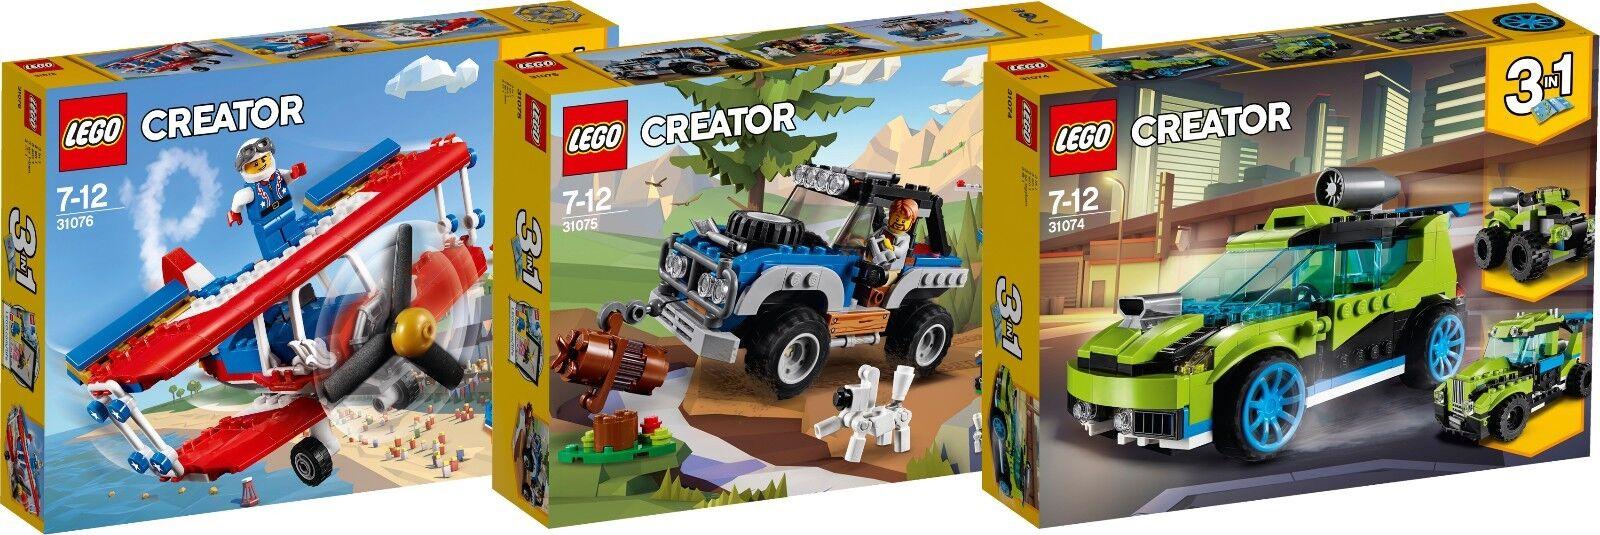 LEGO Creator Tollkühner Flieger 31076 31075 31074 Rallyeflitzer 3 in 1 N1/18